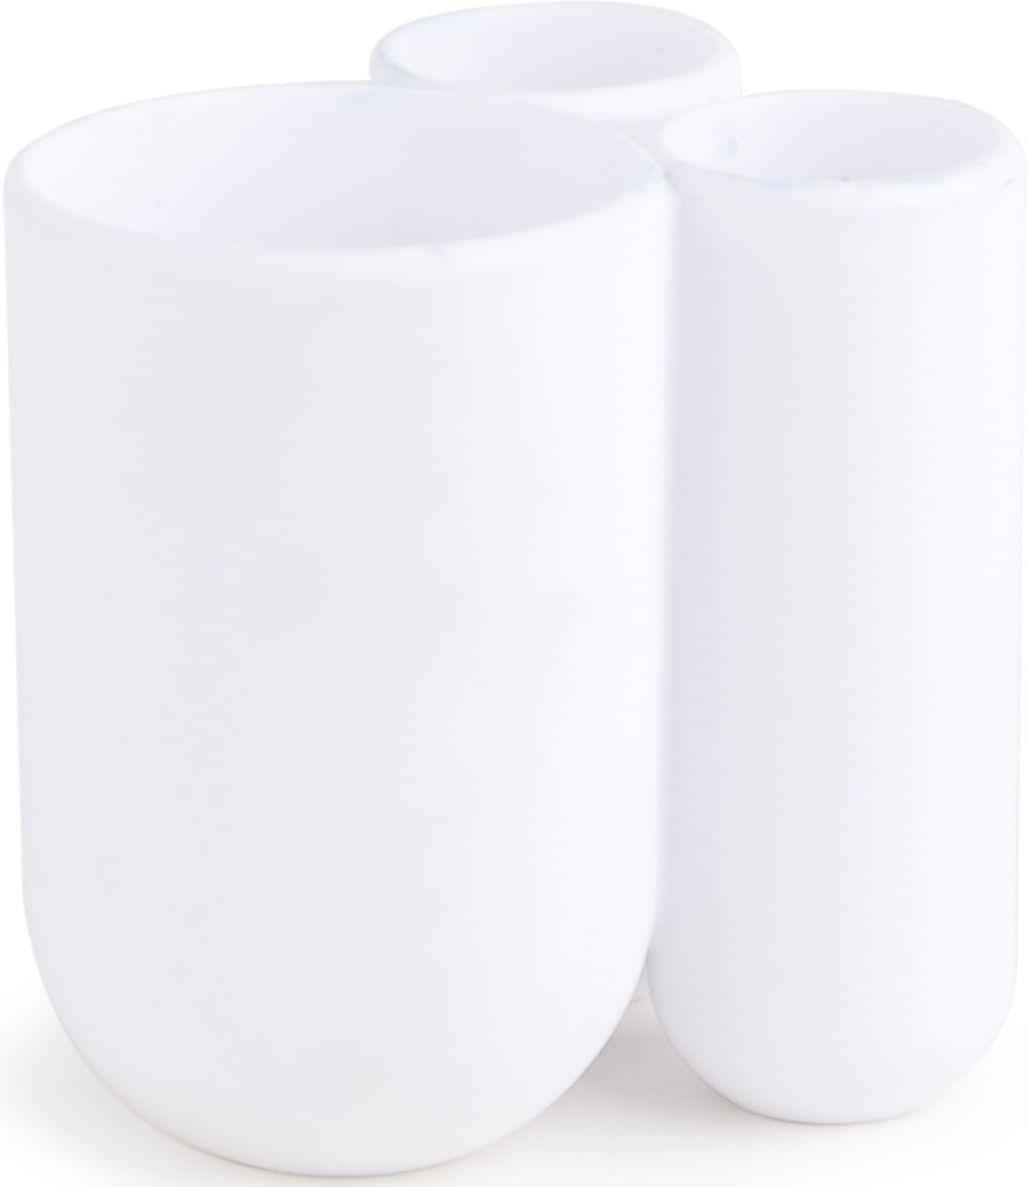 Стакан для зубных щеток Umbra Touch, цвет: белый, 10 х 7 х 8 см391602Функциональность подставки для зубных щеток неоспорима - где же еще их хранить. А вот как насчет дизайна? В Umbra уверены: такой простой и ежедневно используемый предмет должен выглядеть лаконично, но необычно. Ведь в небольшой ванной комнате не должно быть ничего вызывающе яркого. Немного экспериментировав с формой, дизайнеры создали подставку Touch, которая придется кстати в любом доме и вместит зубные щетки всех членов семьи и тюбик зубной пасты.Выполнена из приятного на ощупь пластика.